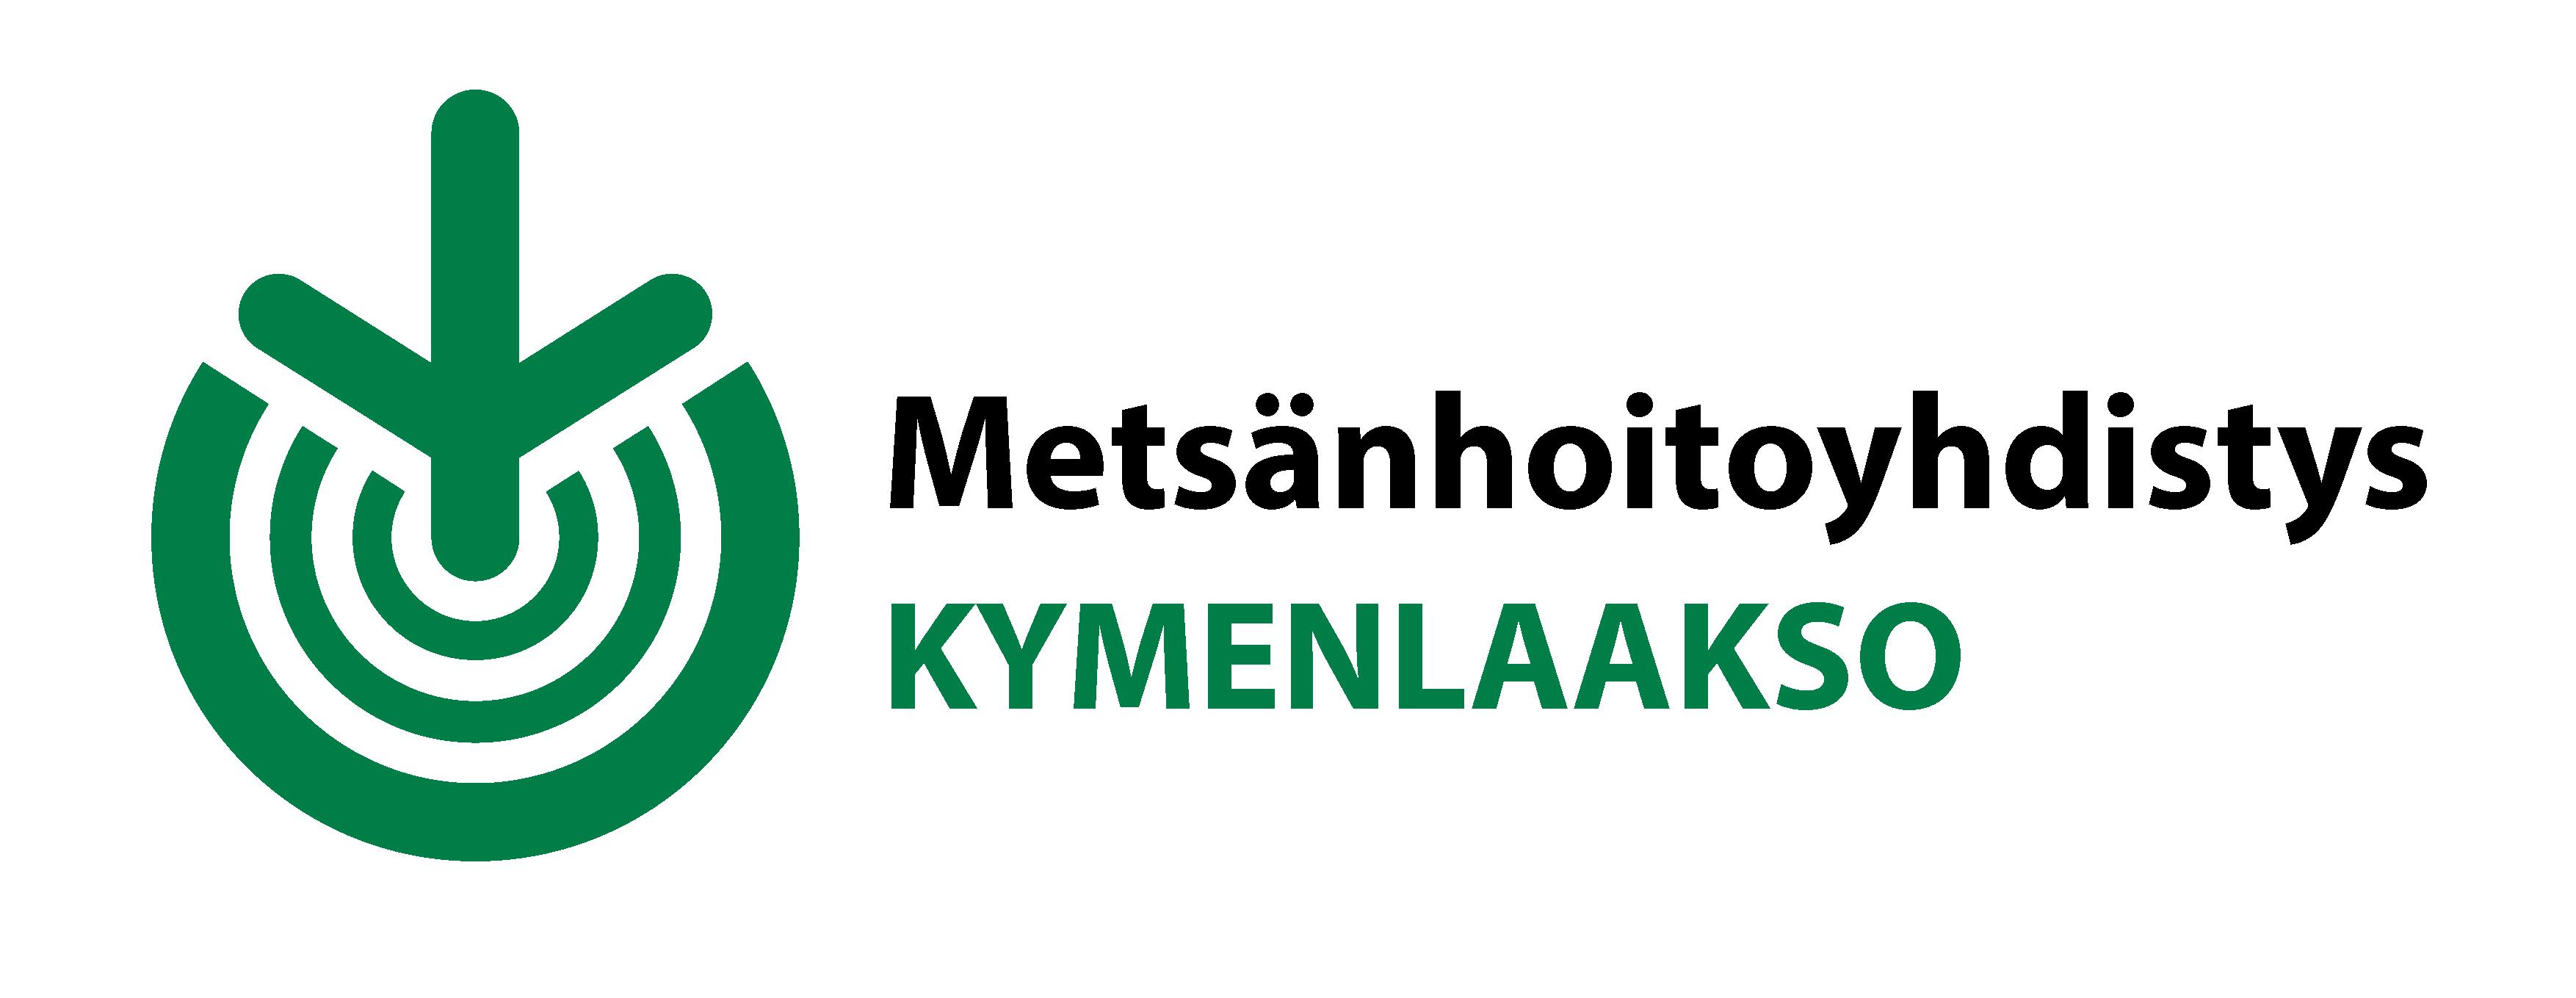 logo: Metsänhoitoyhdistys Kymenlaakso